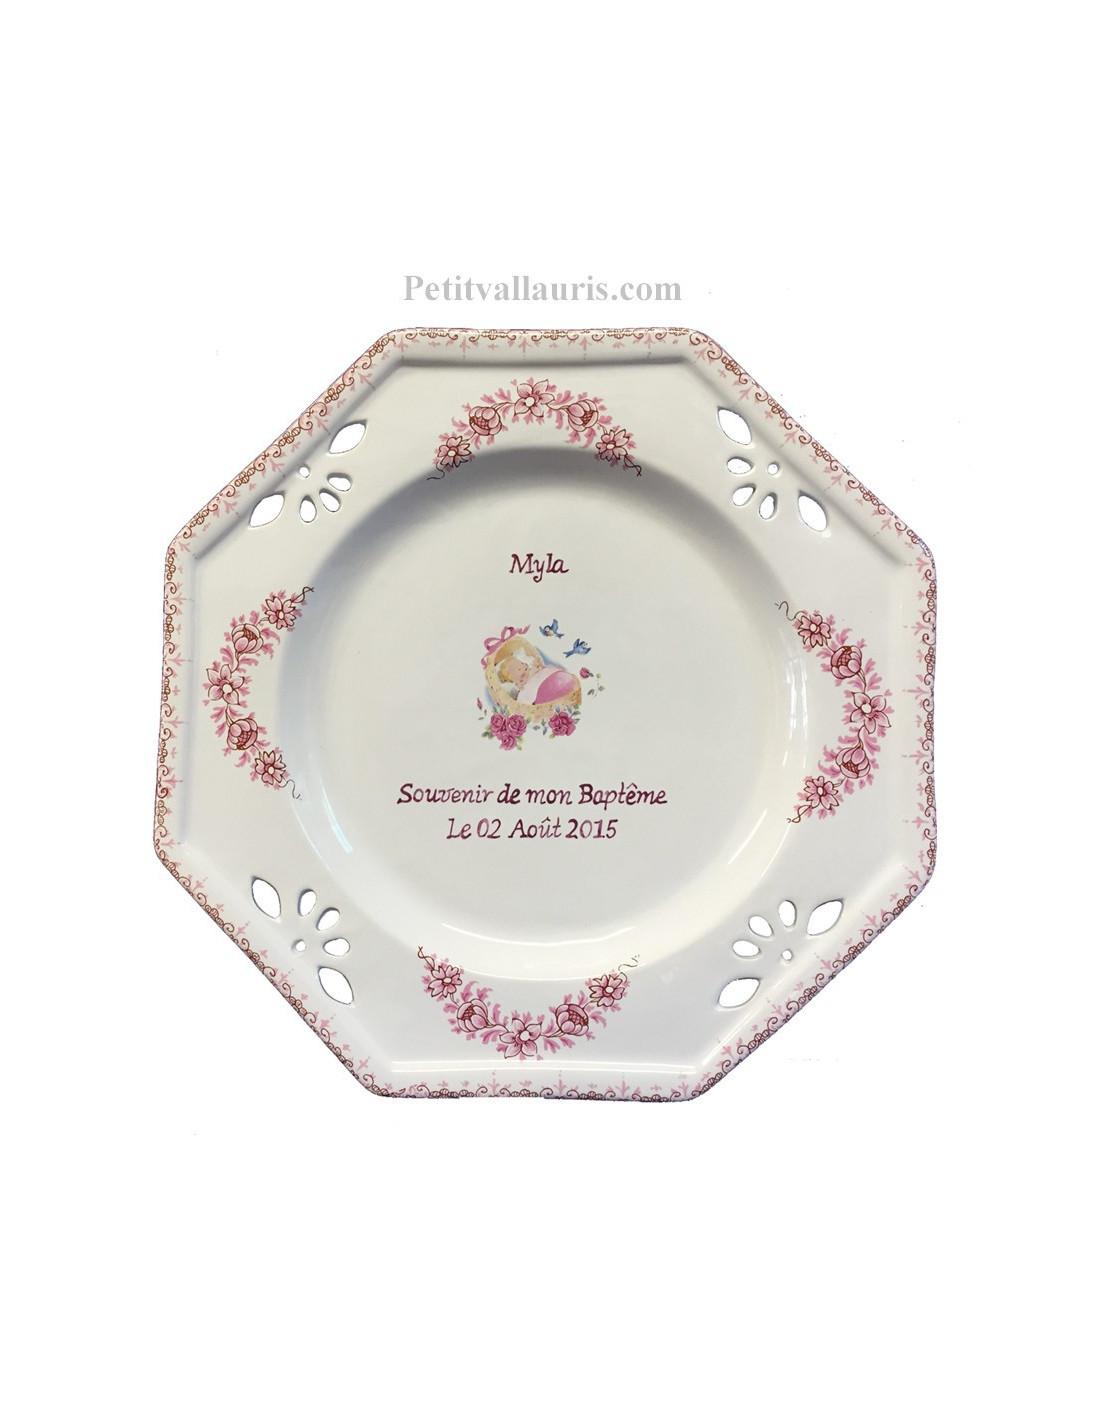 Assiette de bapt me octogonale d cor ange coloris rose for Assiette de decoration